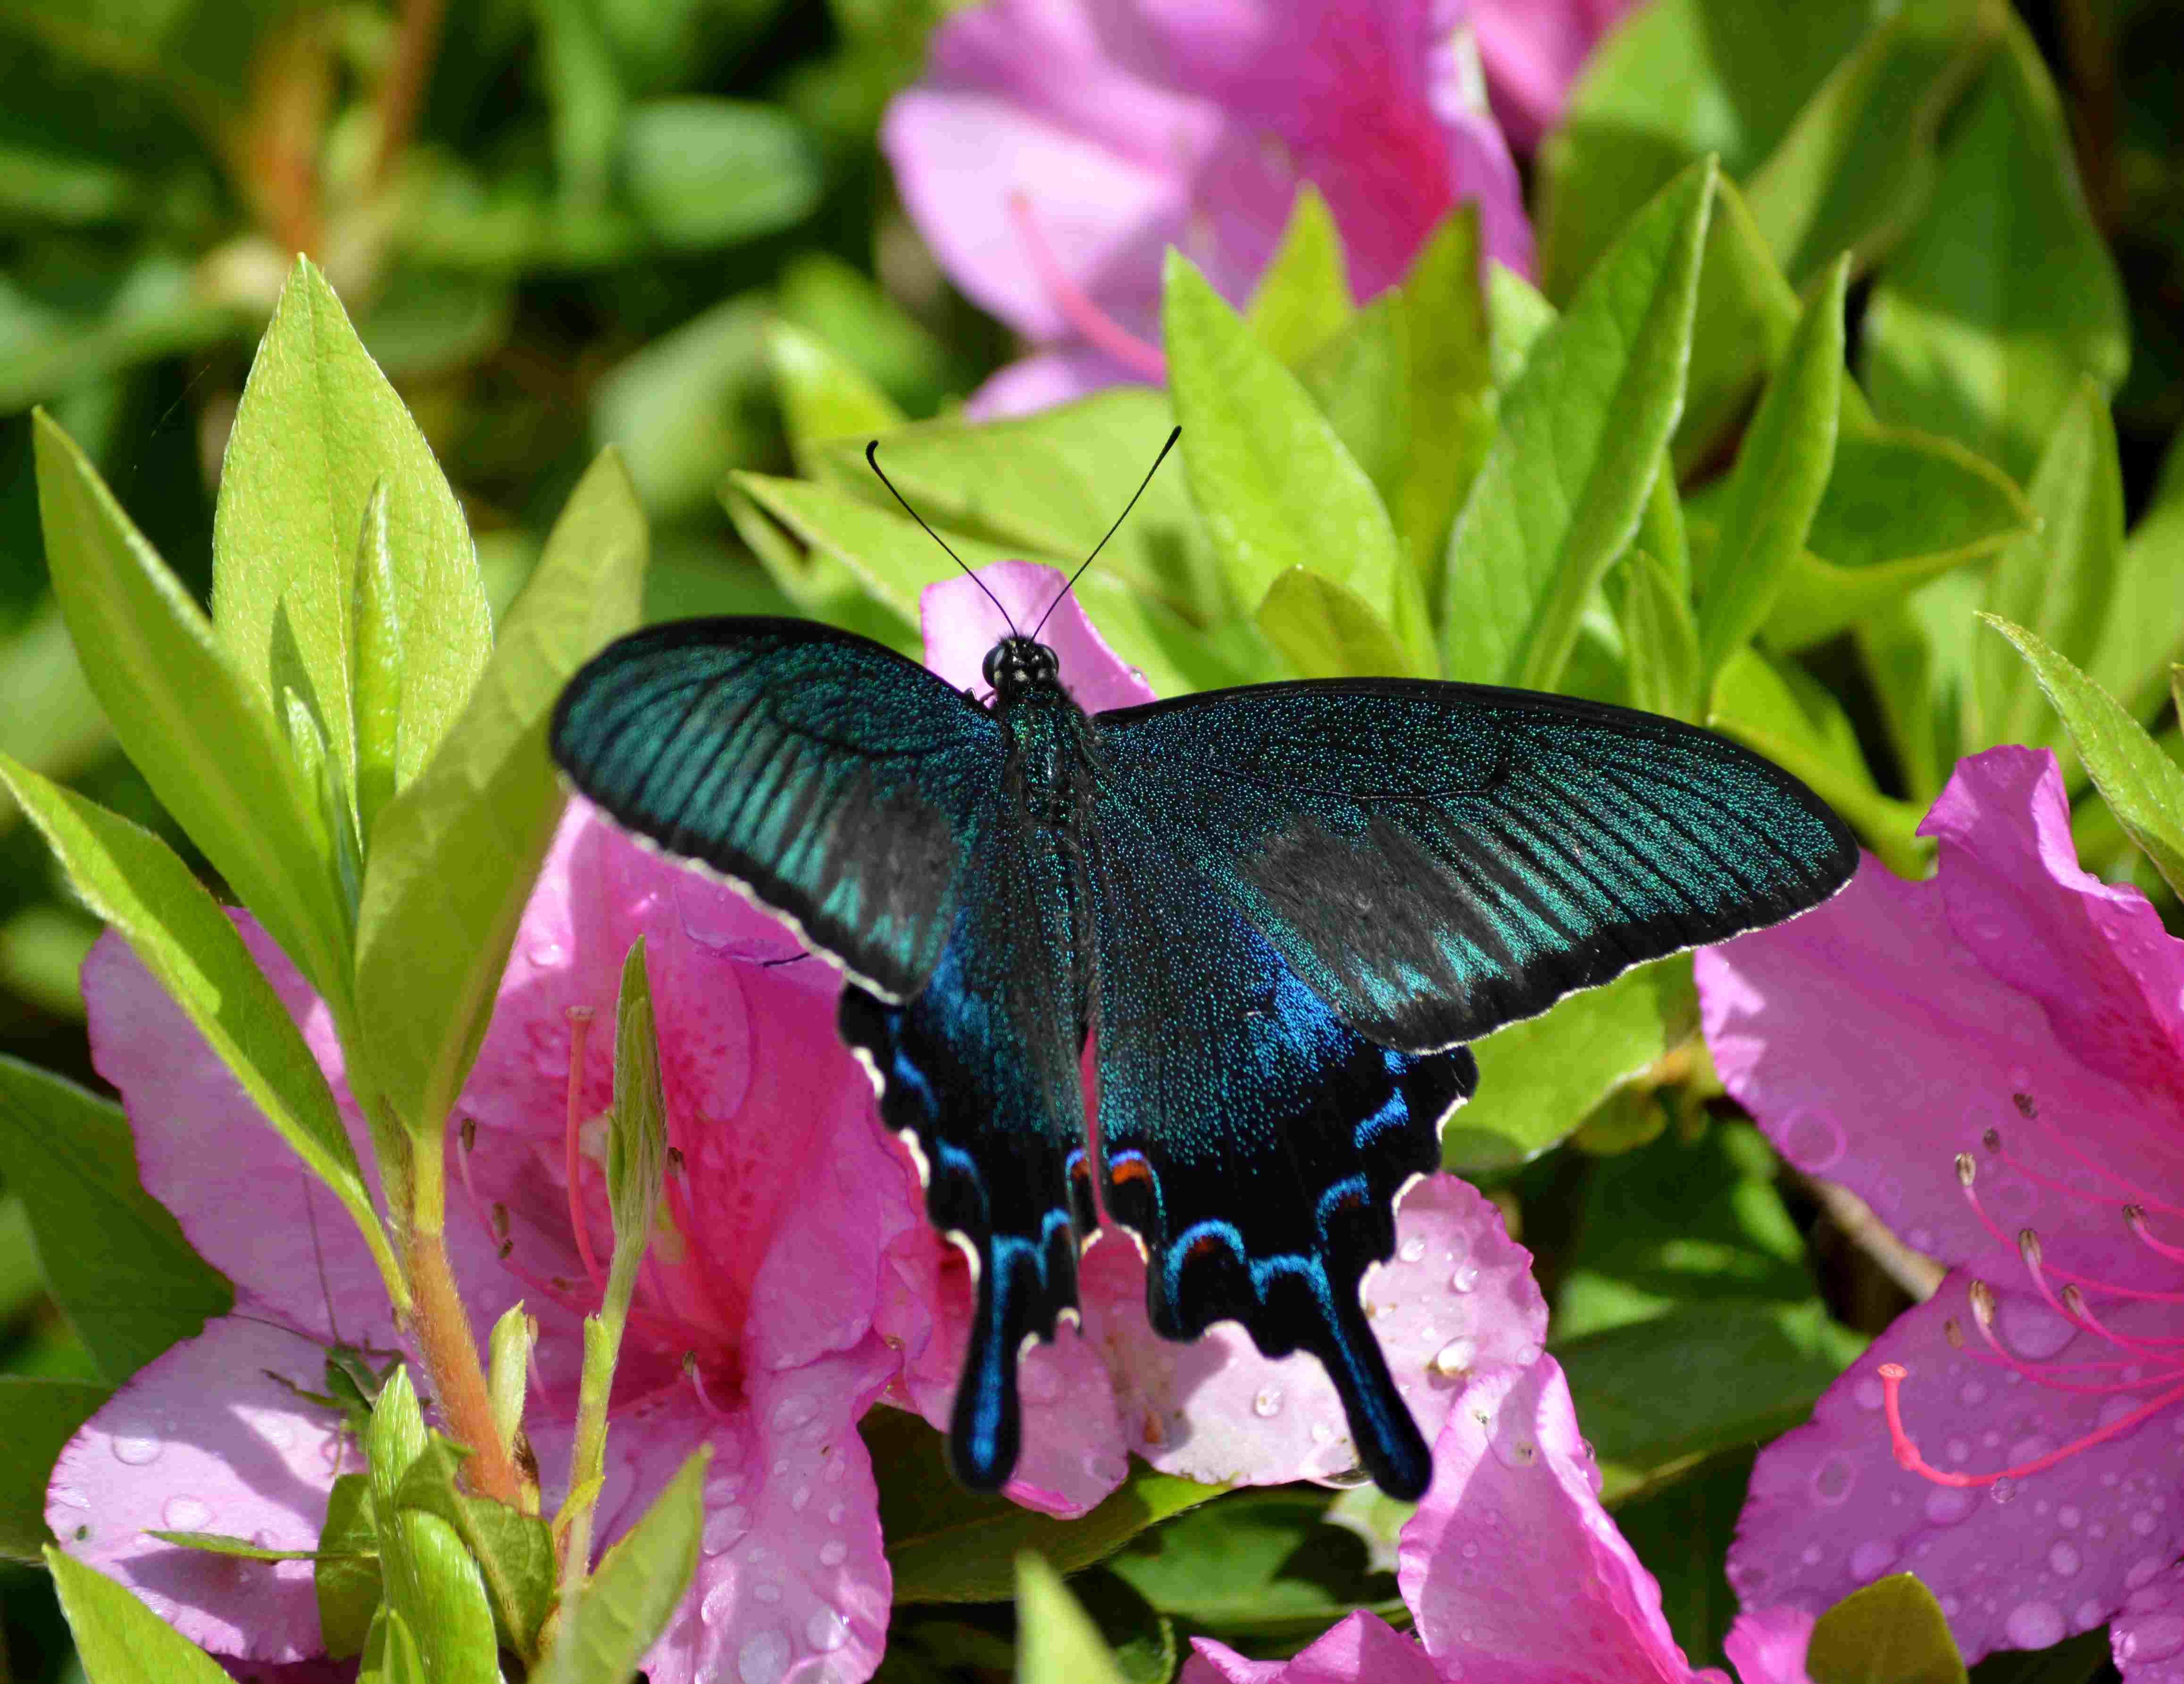 カラスアゲハ 5月2日ツツジの咲く公園にて_d0254540_18593994.jpg